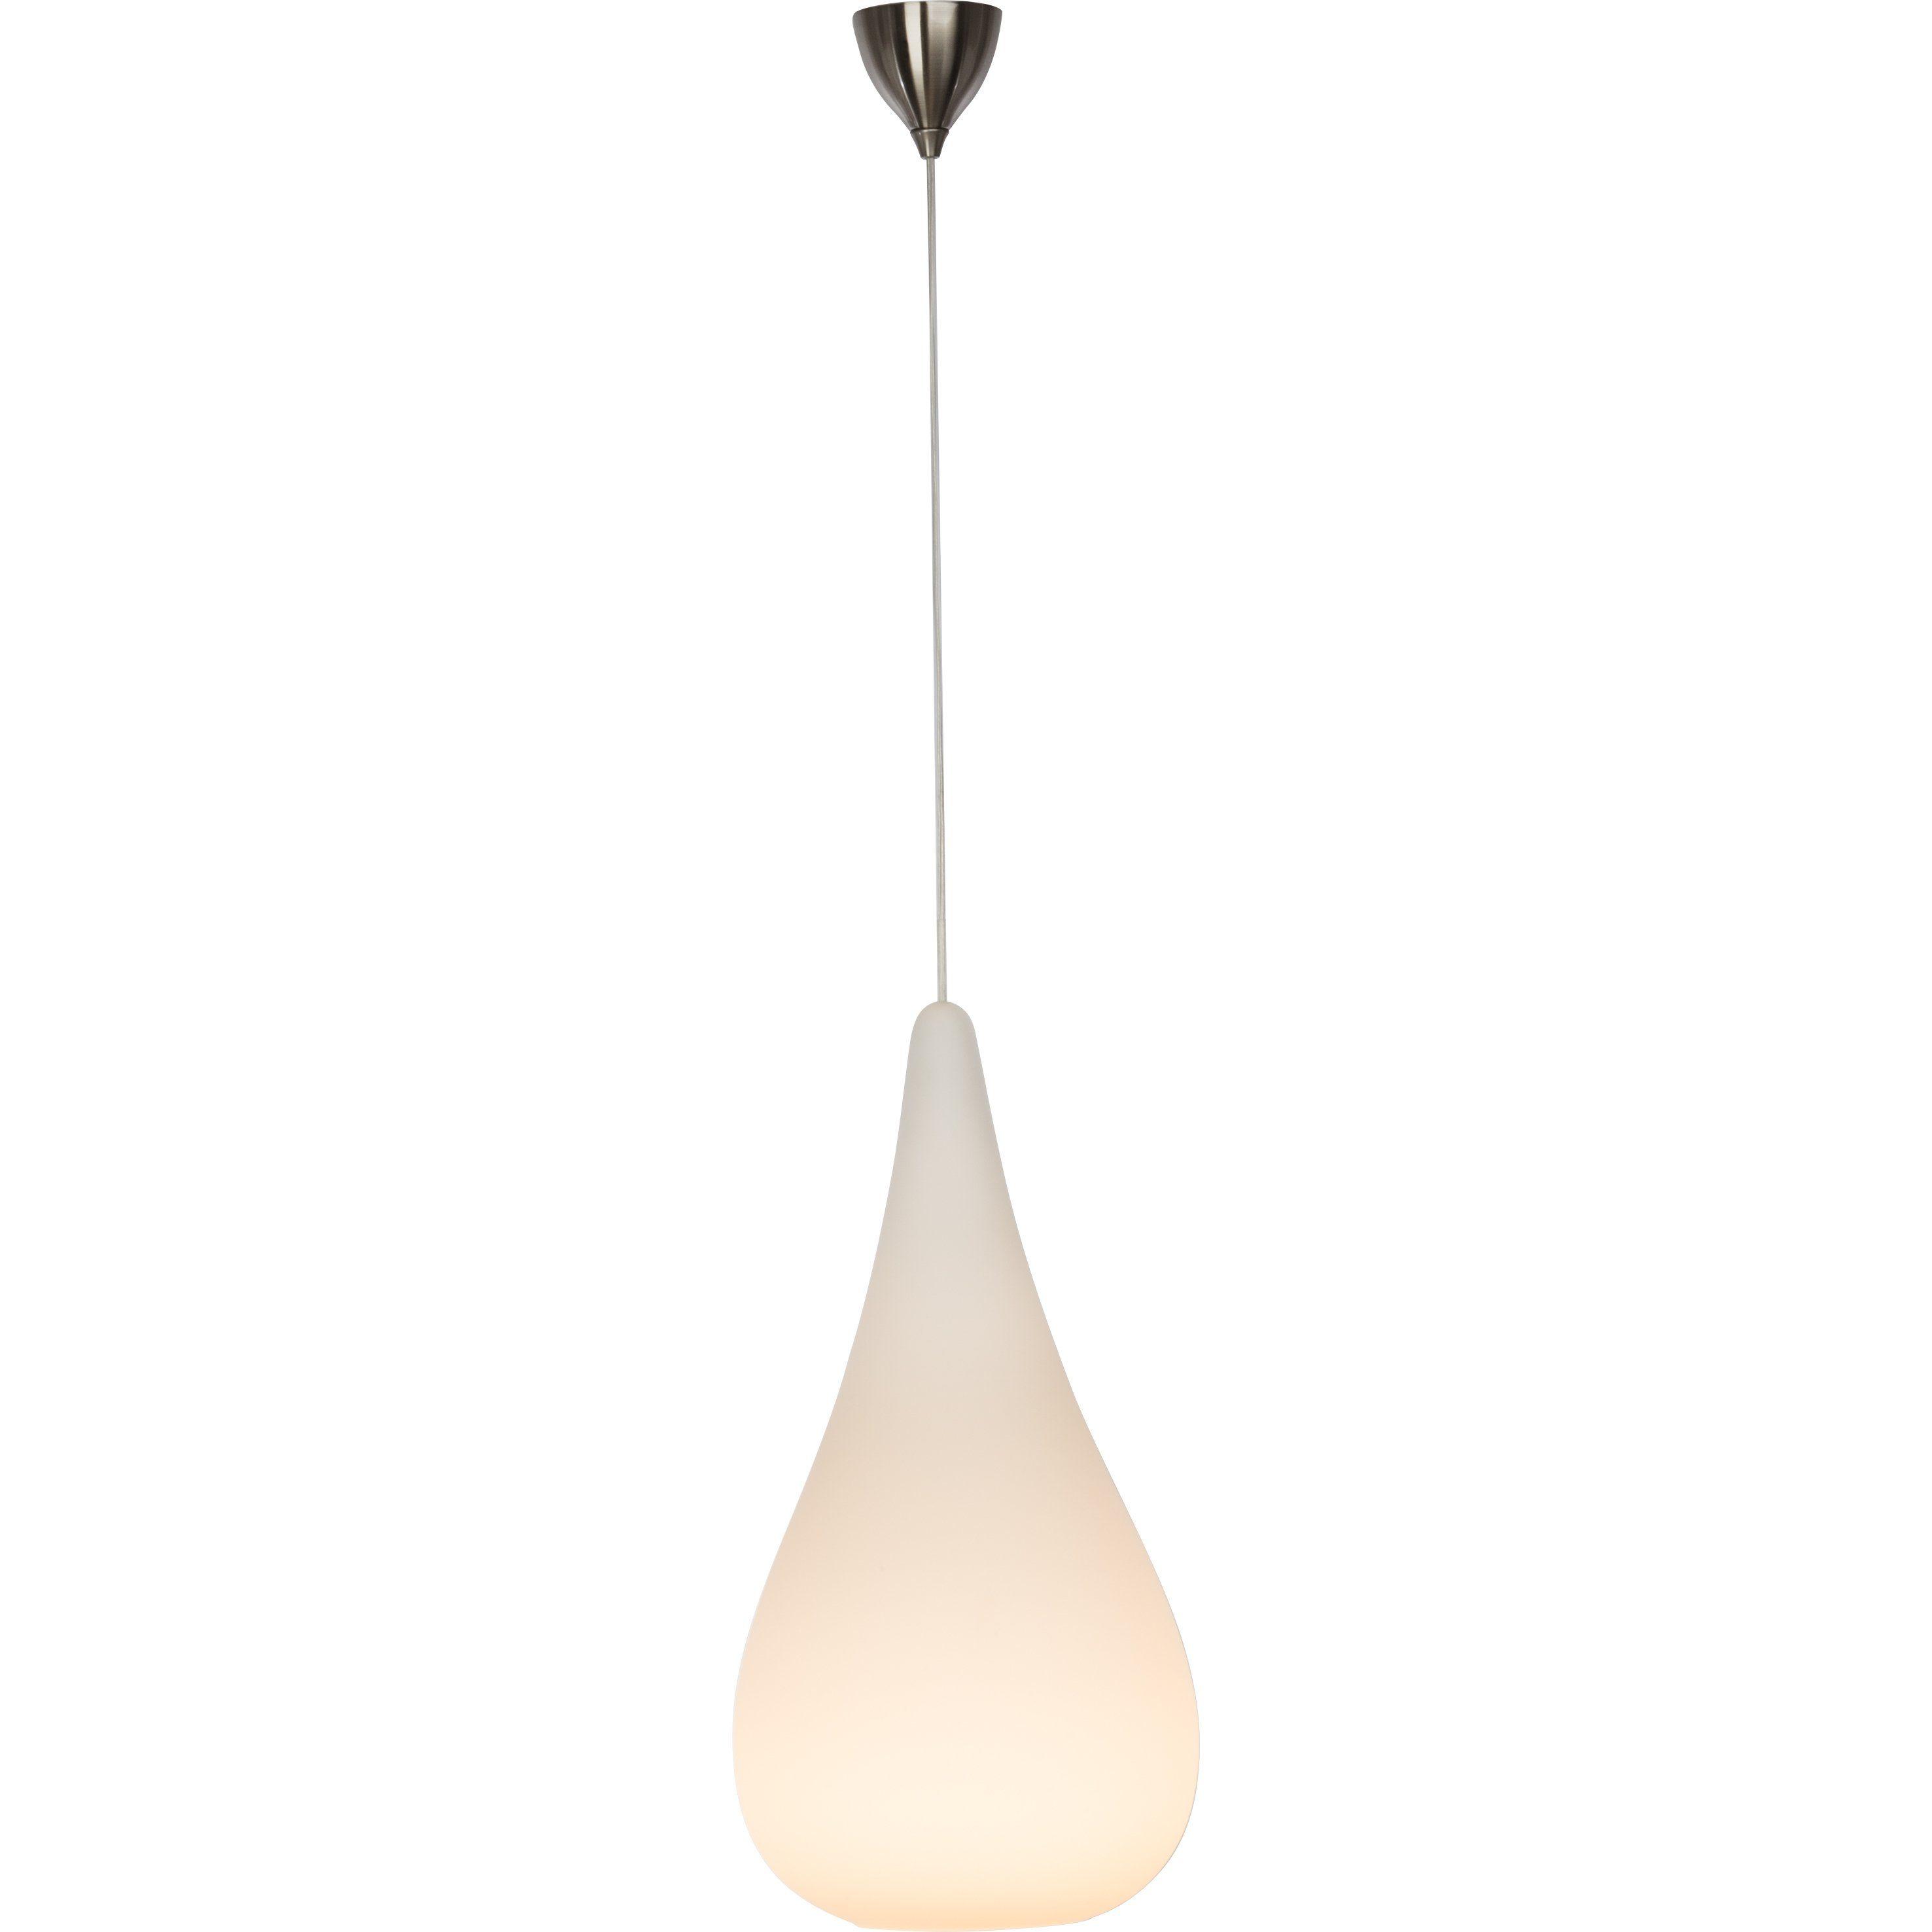 Brilliant Leuchten Icedrop Pendelleuchte, 1-flammig chrom/weiß